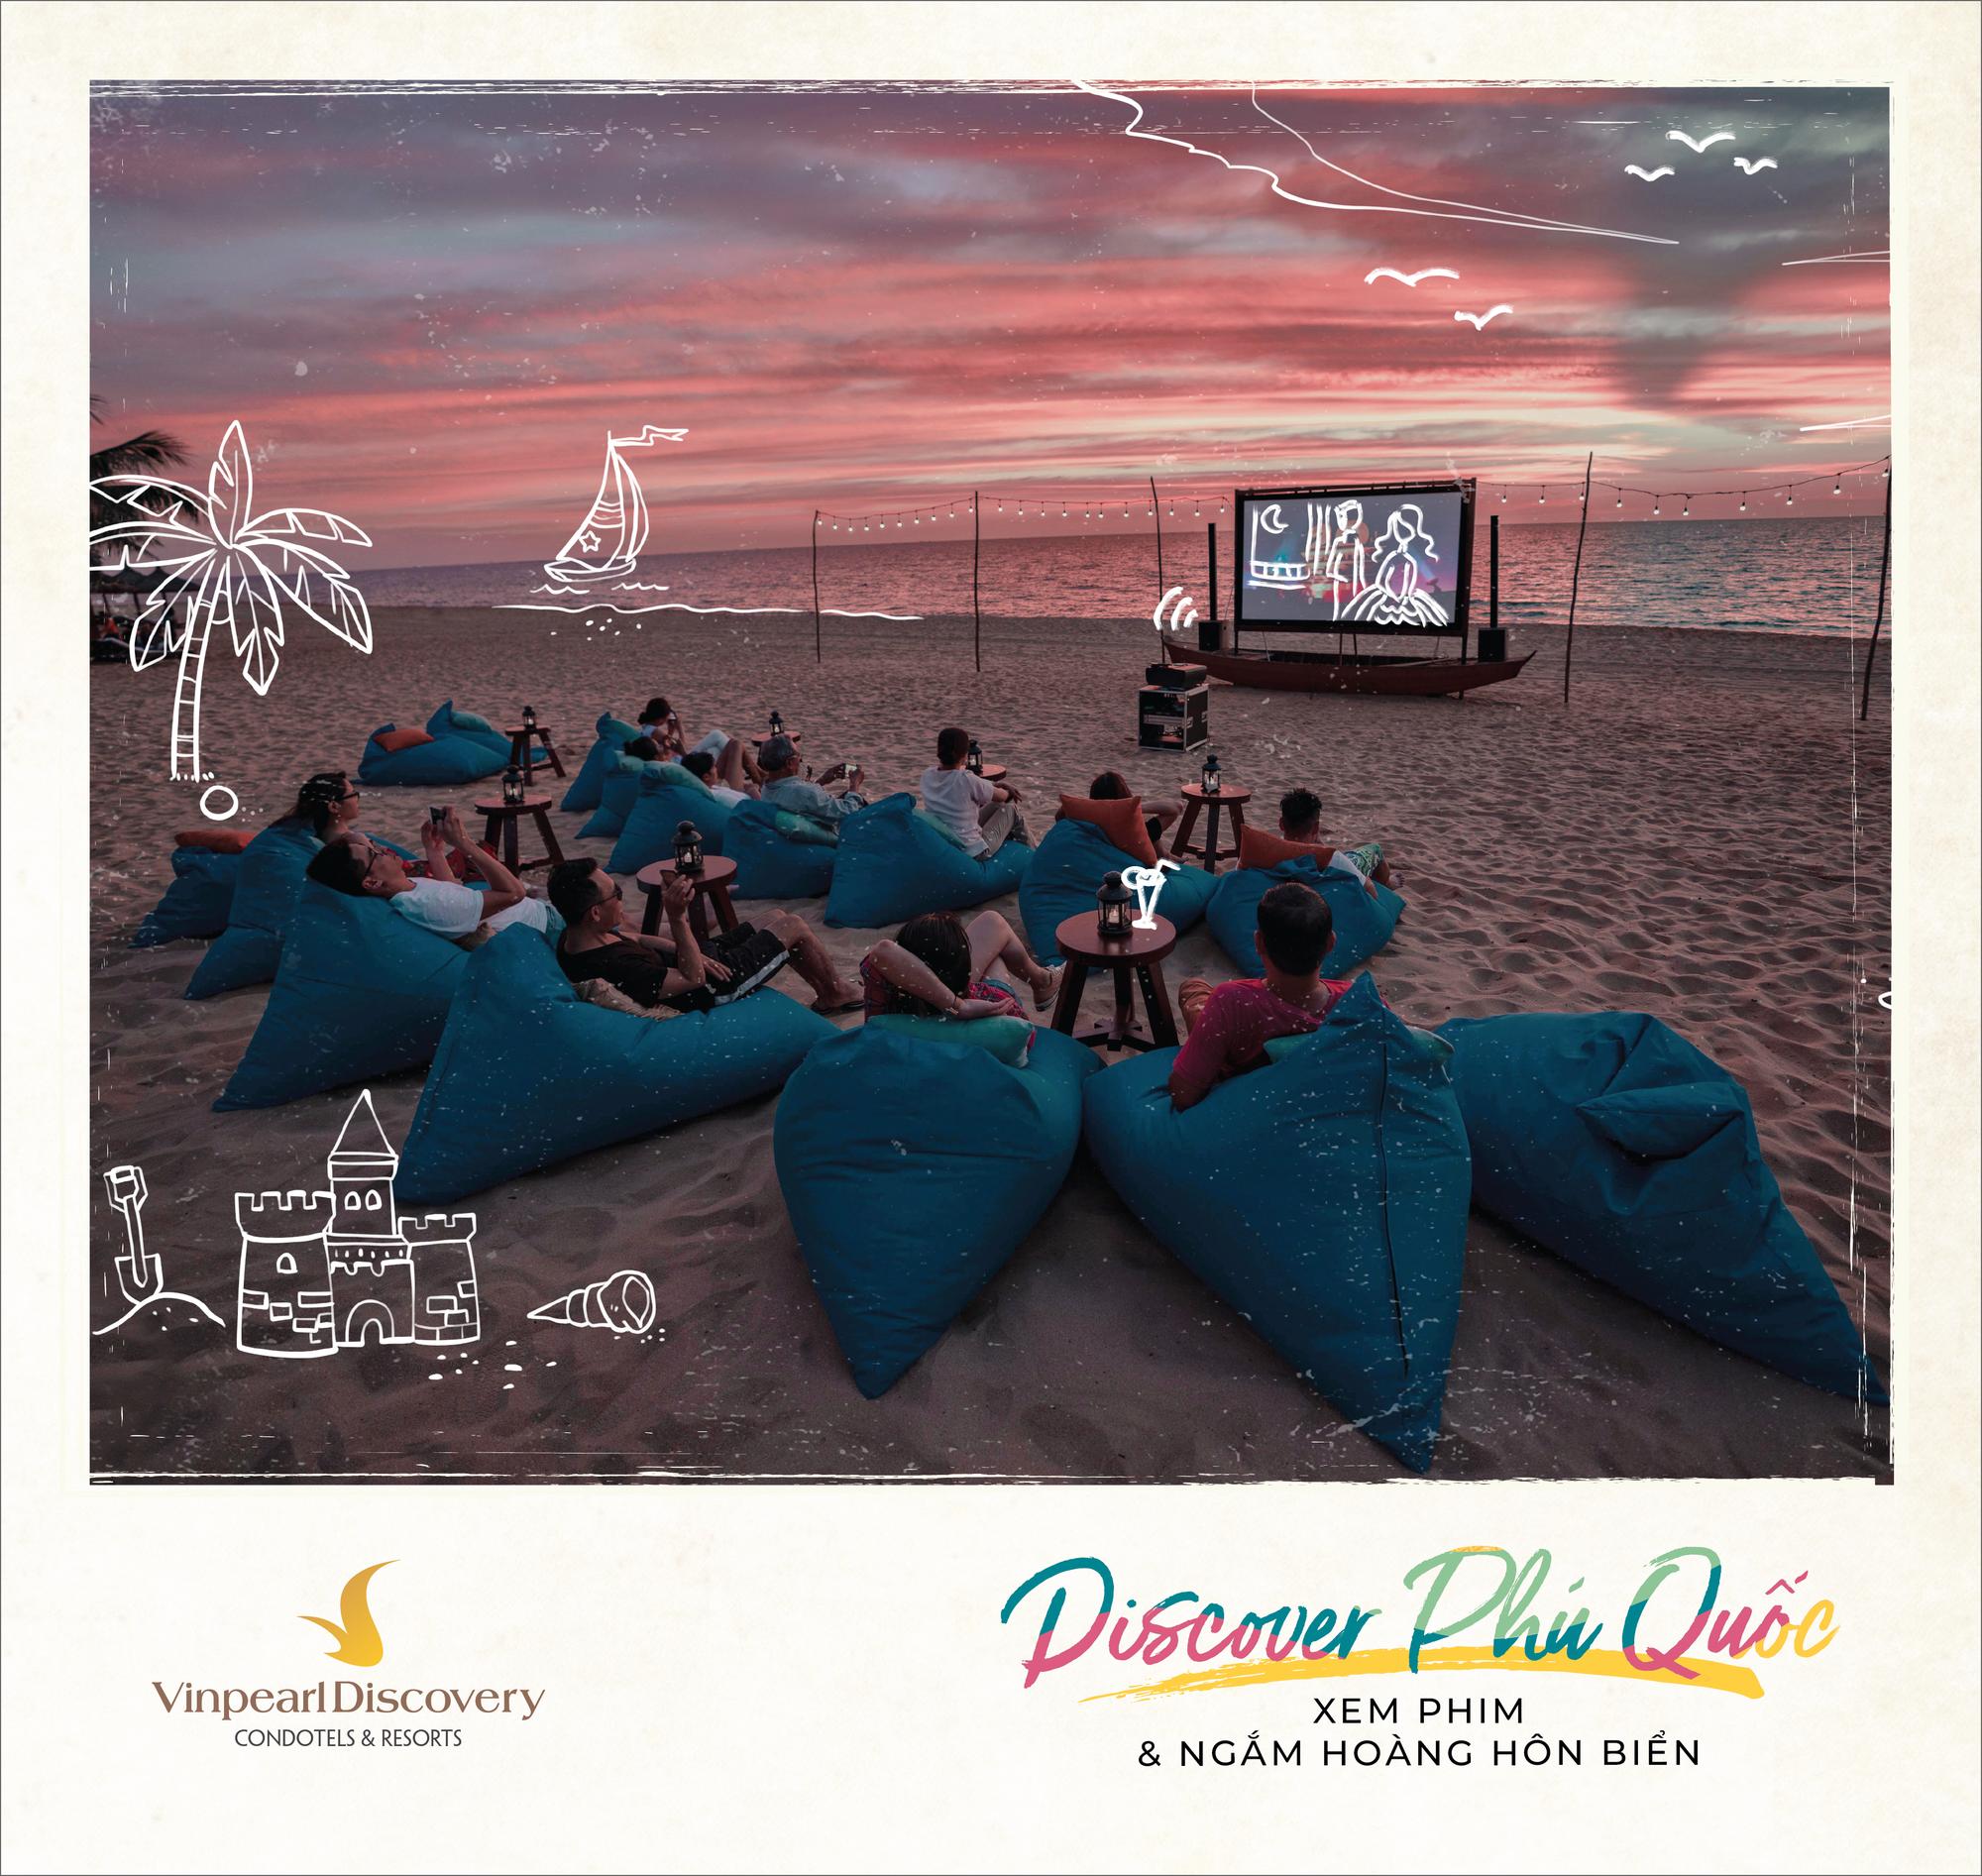 5 thiên đường biển tại Việt Nam với nhiều trải nghiệm thú vị cho kỳ nghỉ lễ trước hè - Ảnh 6.